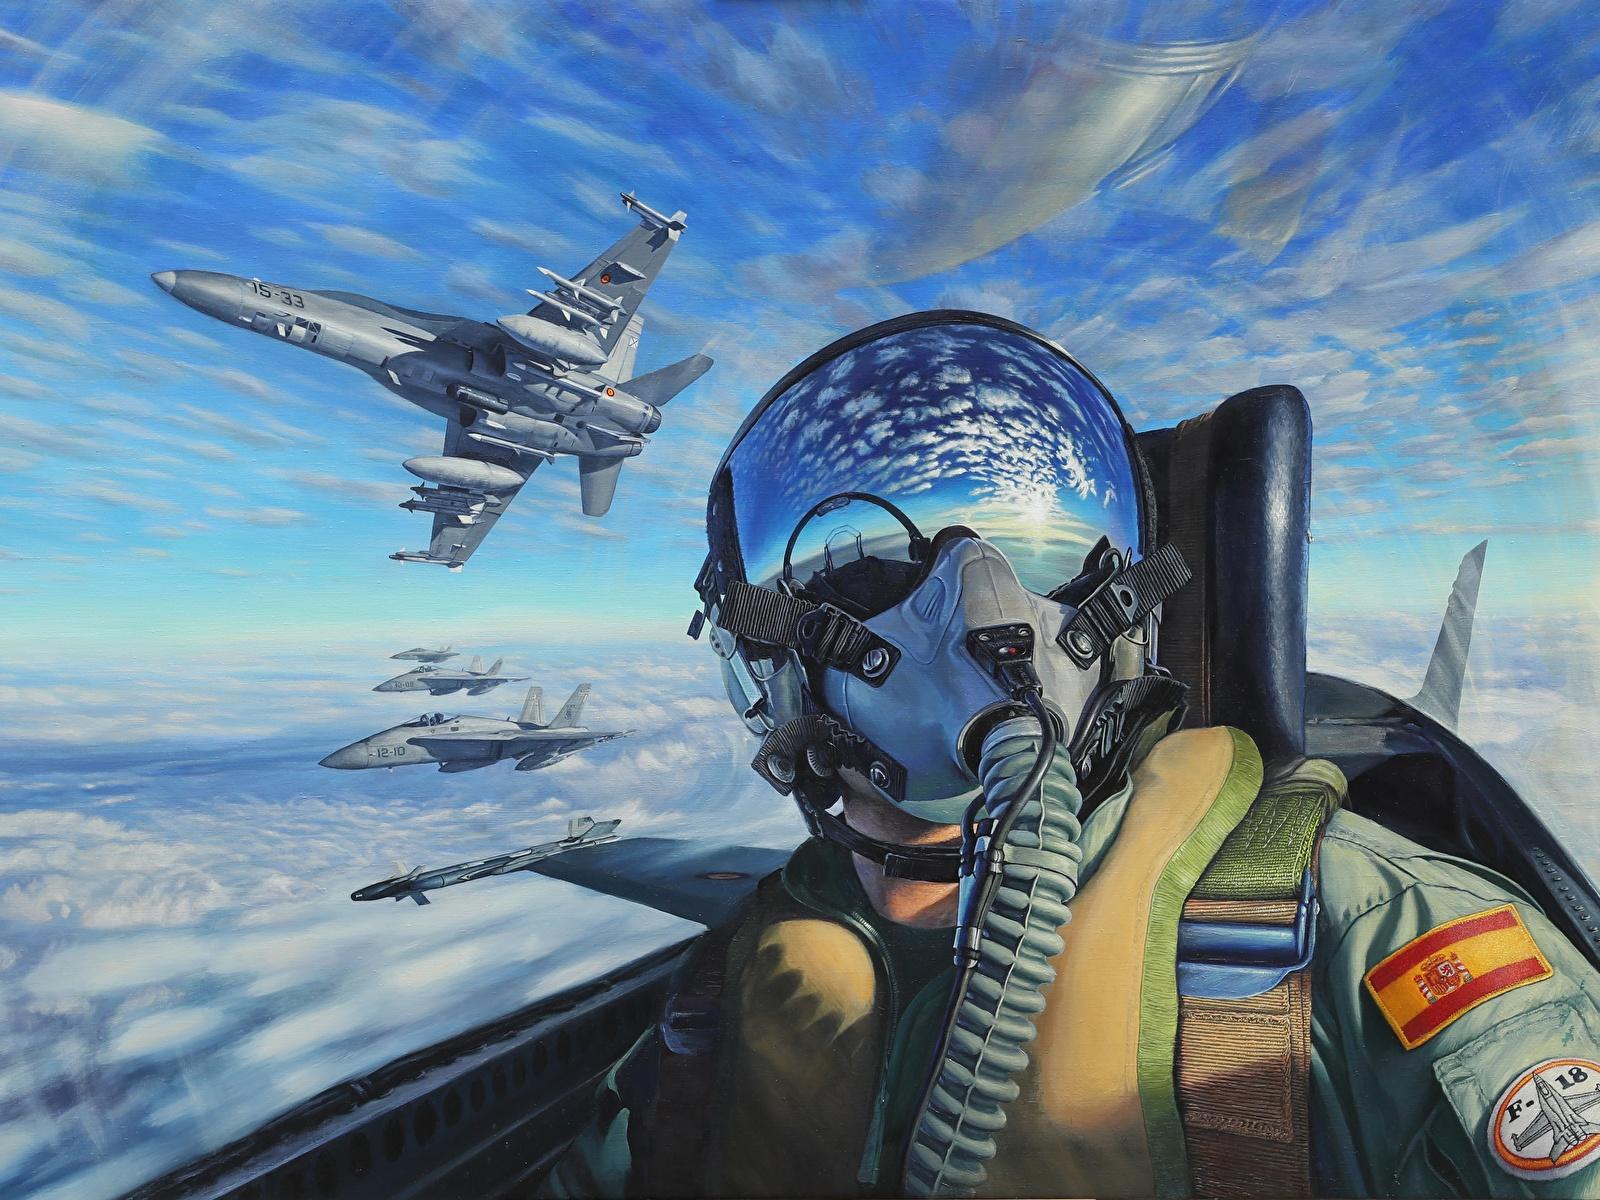 Обои истребитель, в небе, шлем. Авиация foto 11